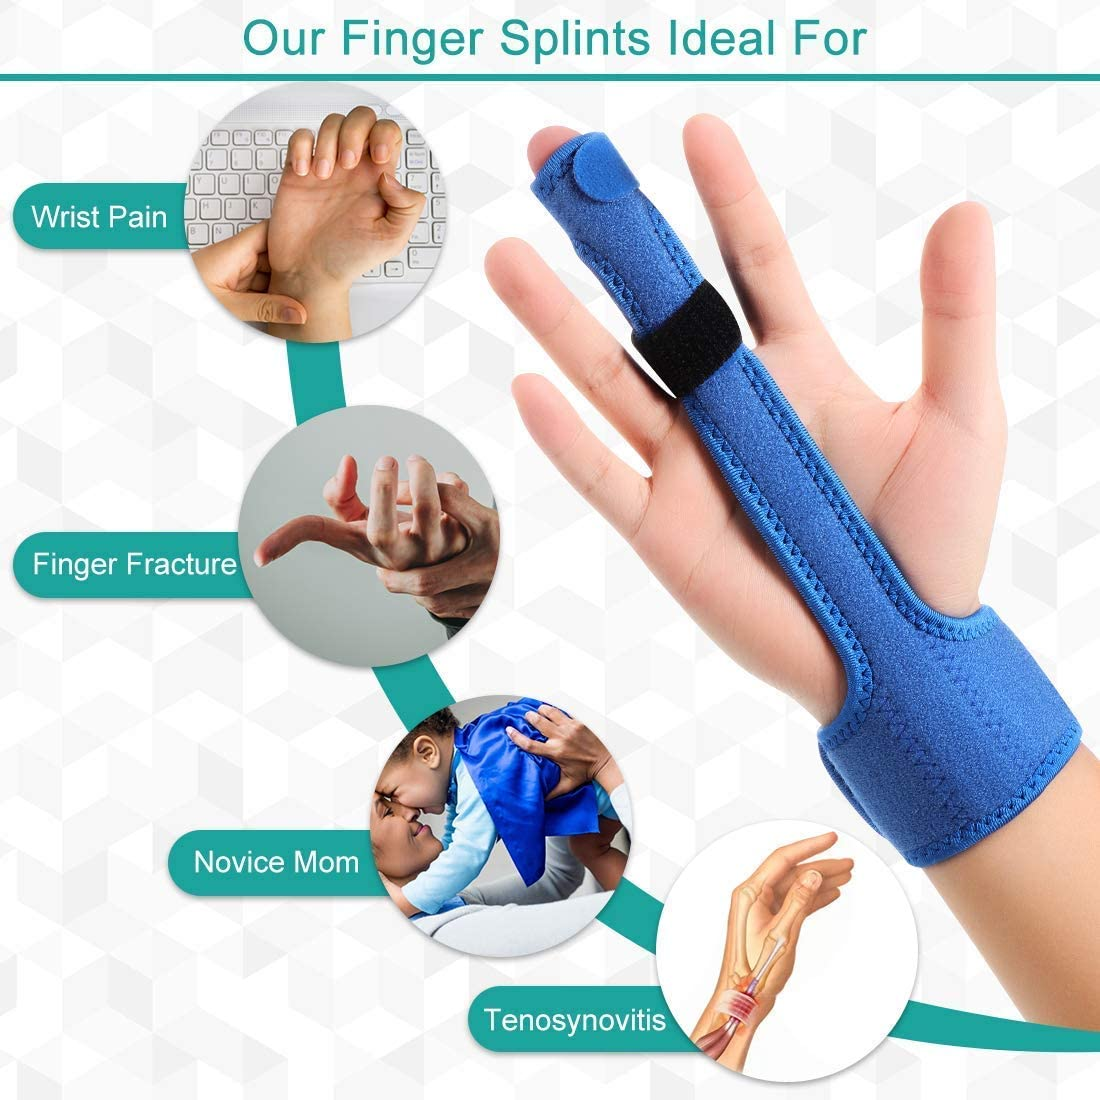 Finger kapselriss